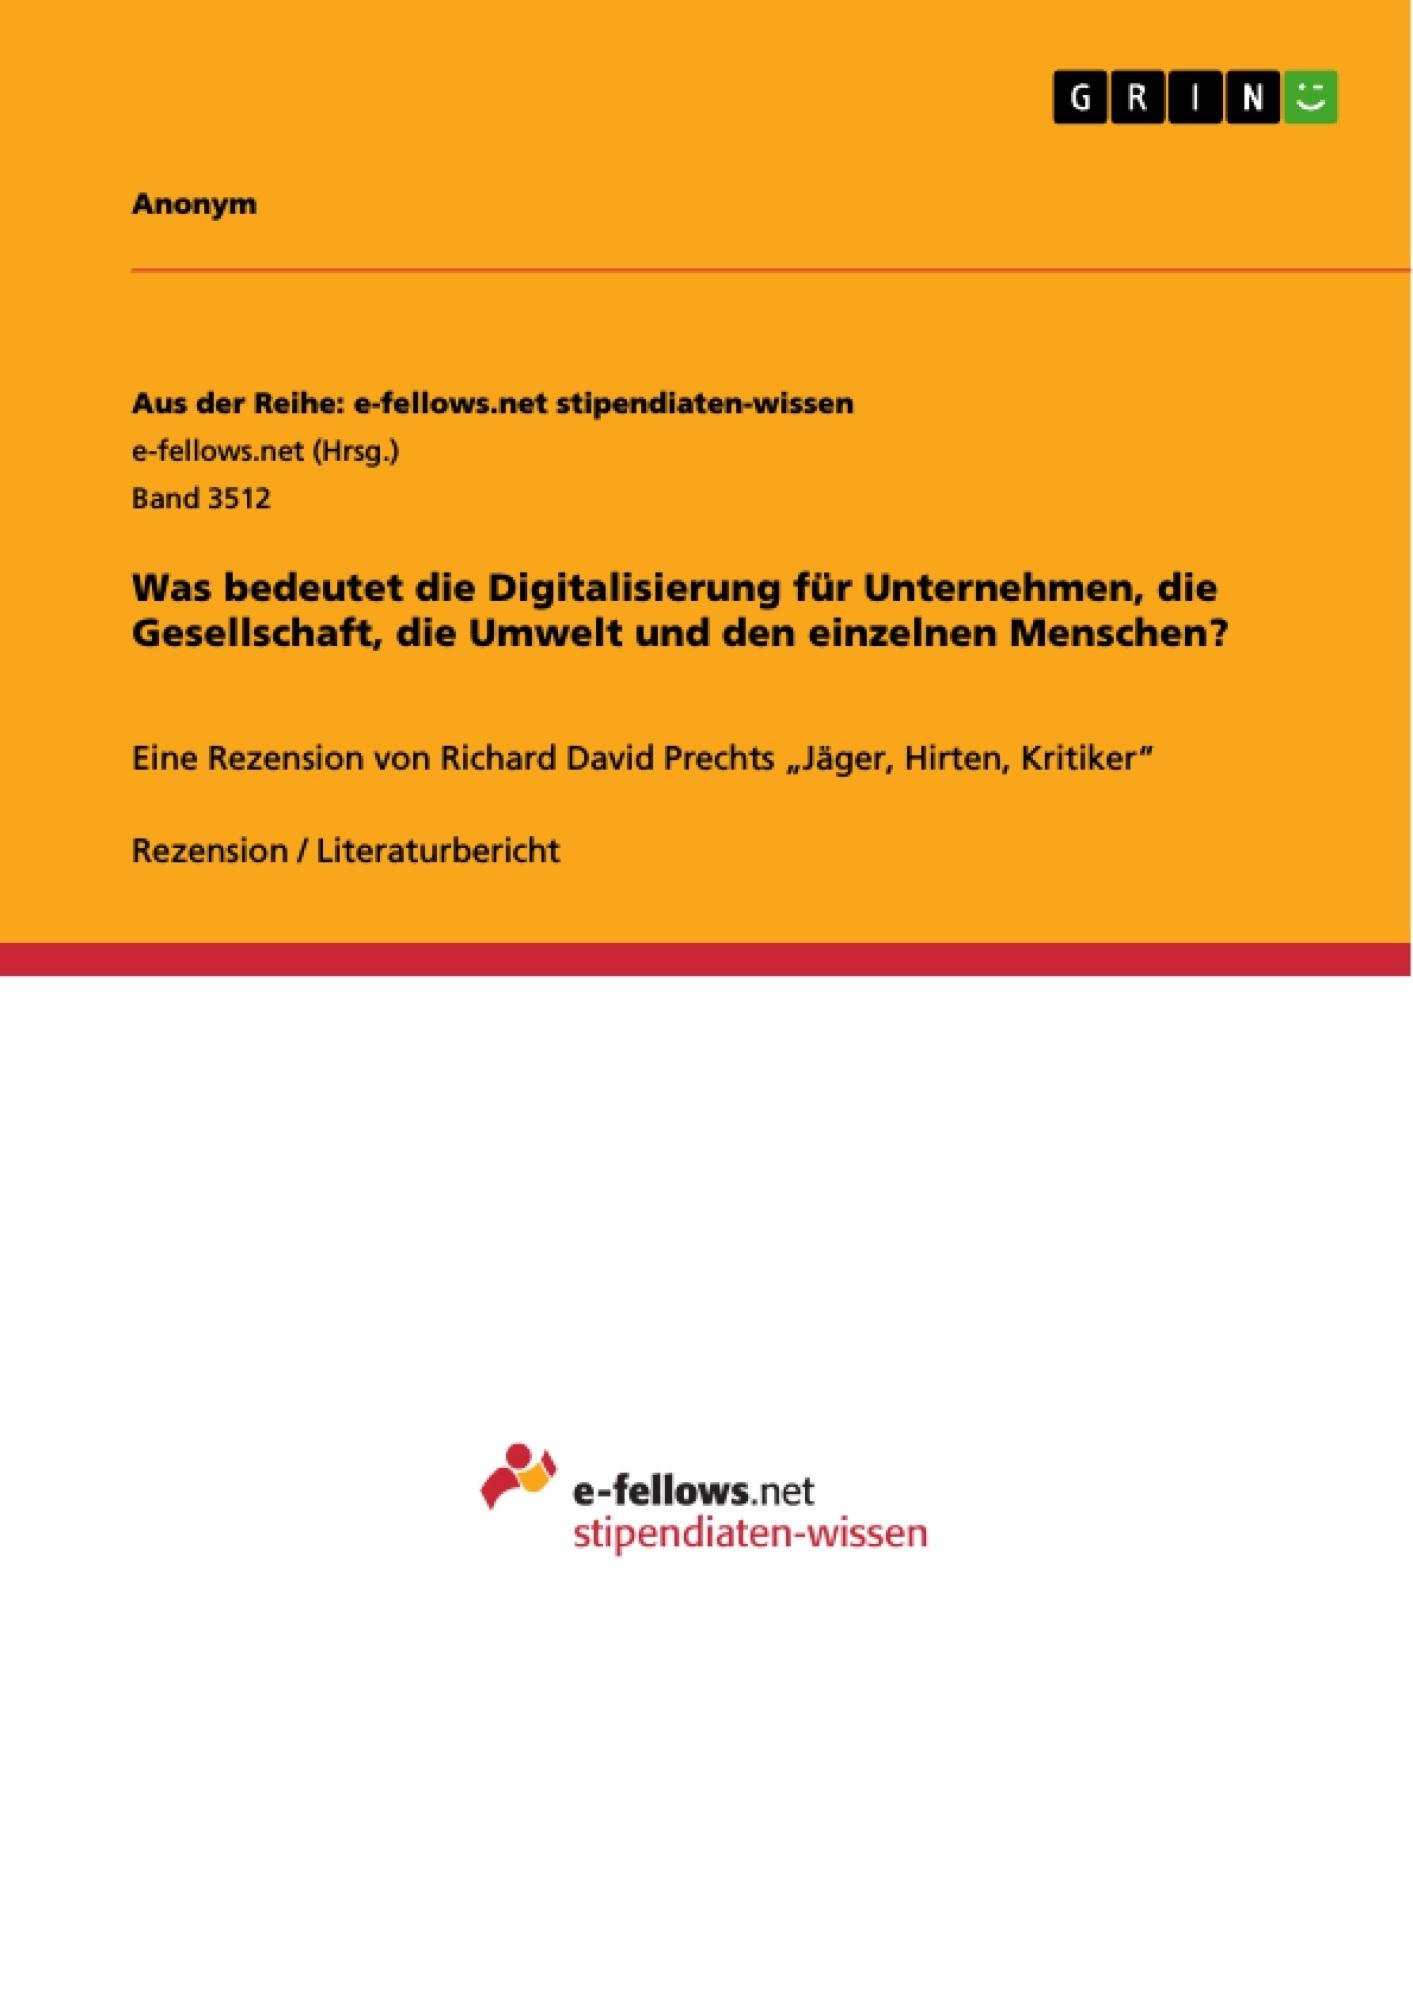 Titel: Was bedeutet die Digitalisierung für Unternehmen, die Gesellschaft, die Umwelt und das Leben des einzelnen Menschen?